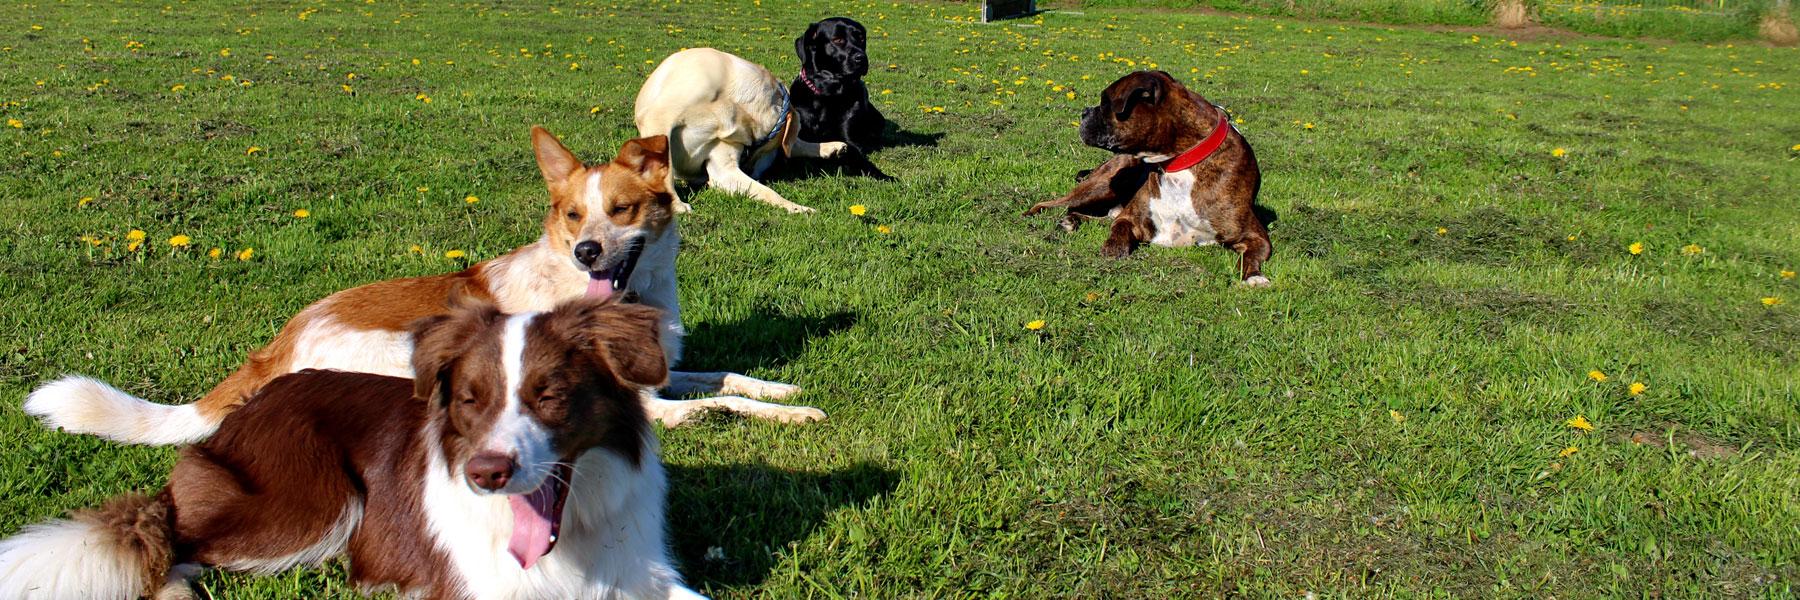 Hunde - Tierpension Tannenberg